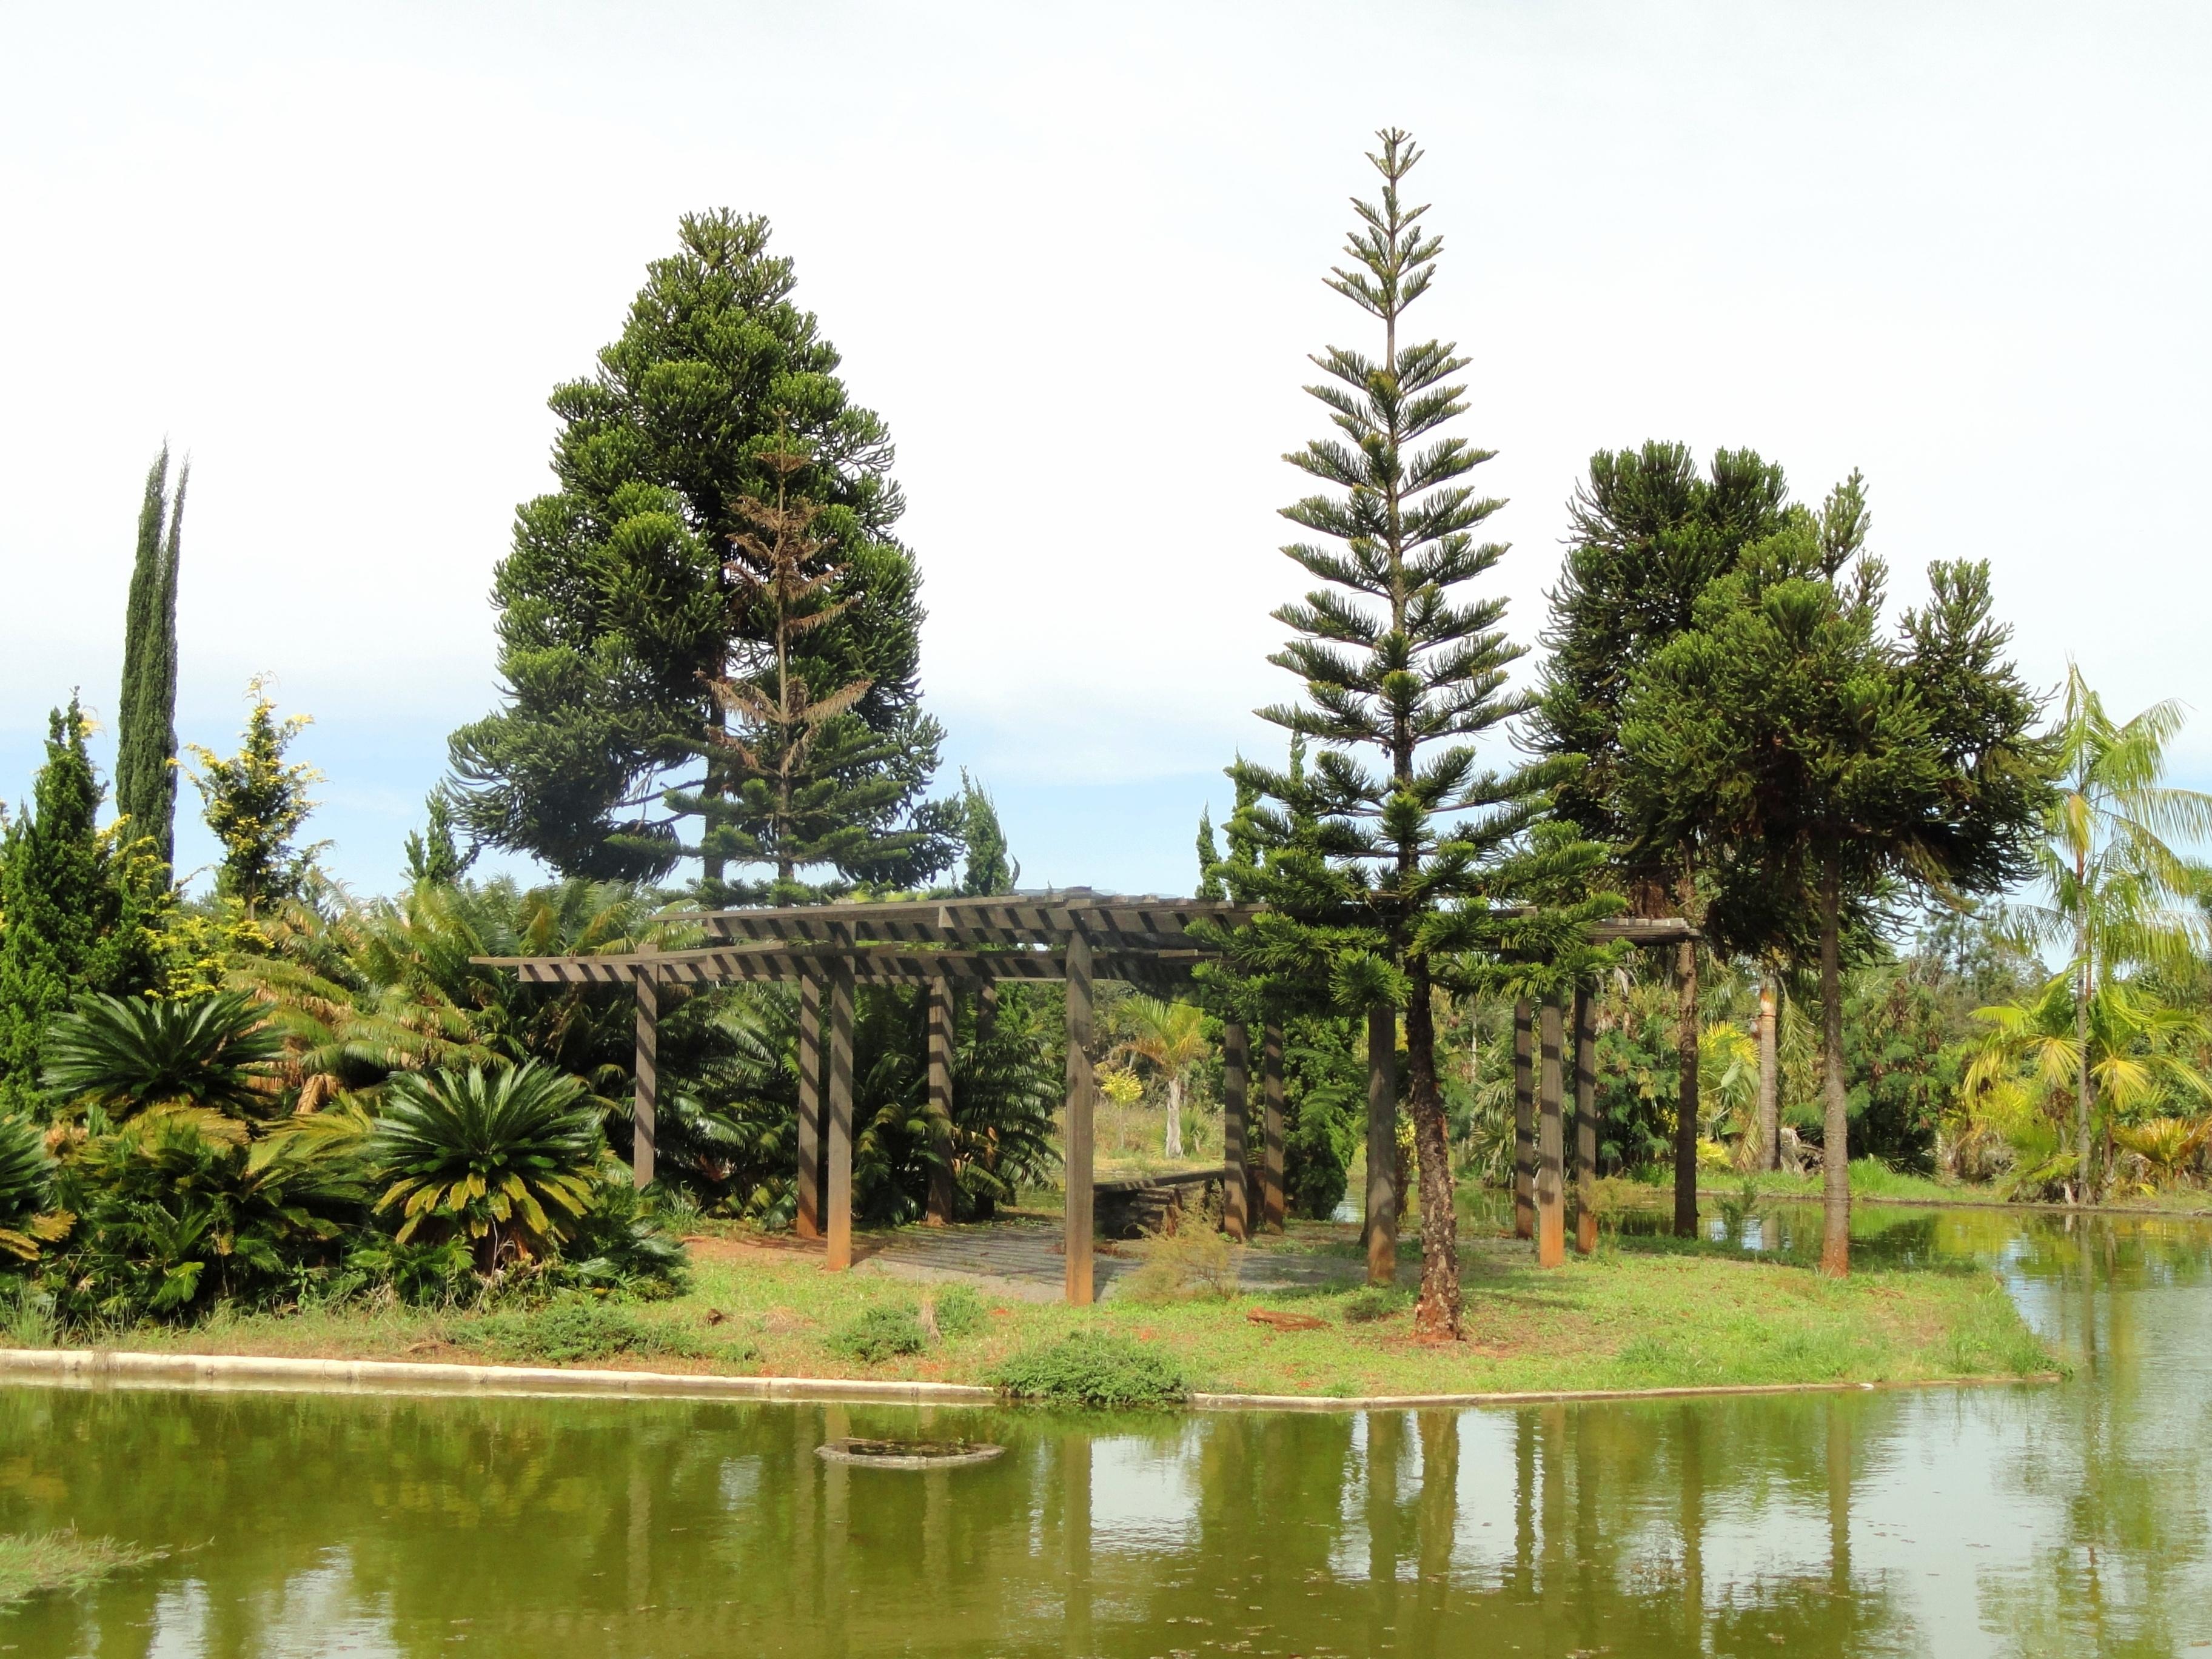 FilePond  Jardim Botânico de Brasília  DSC09729JPG  Wikimedia